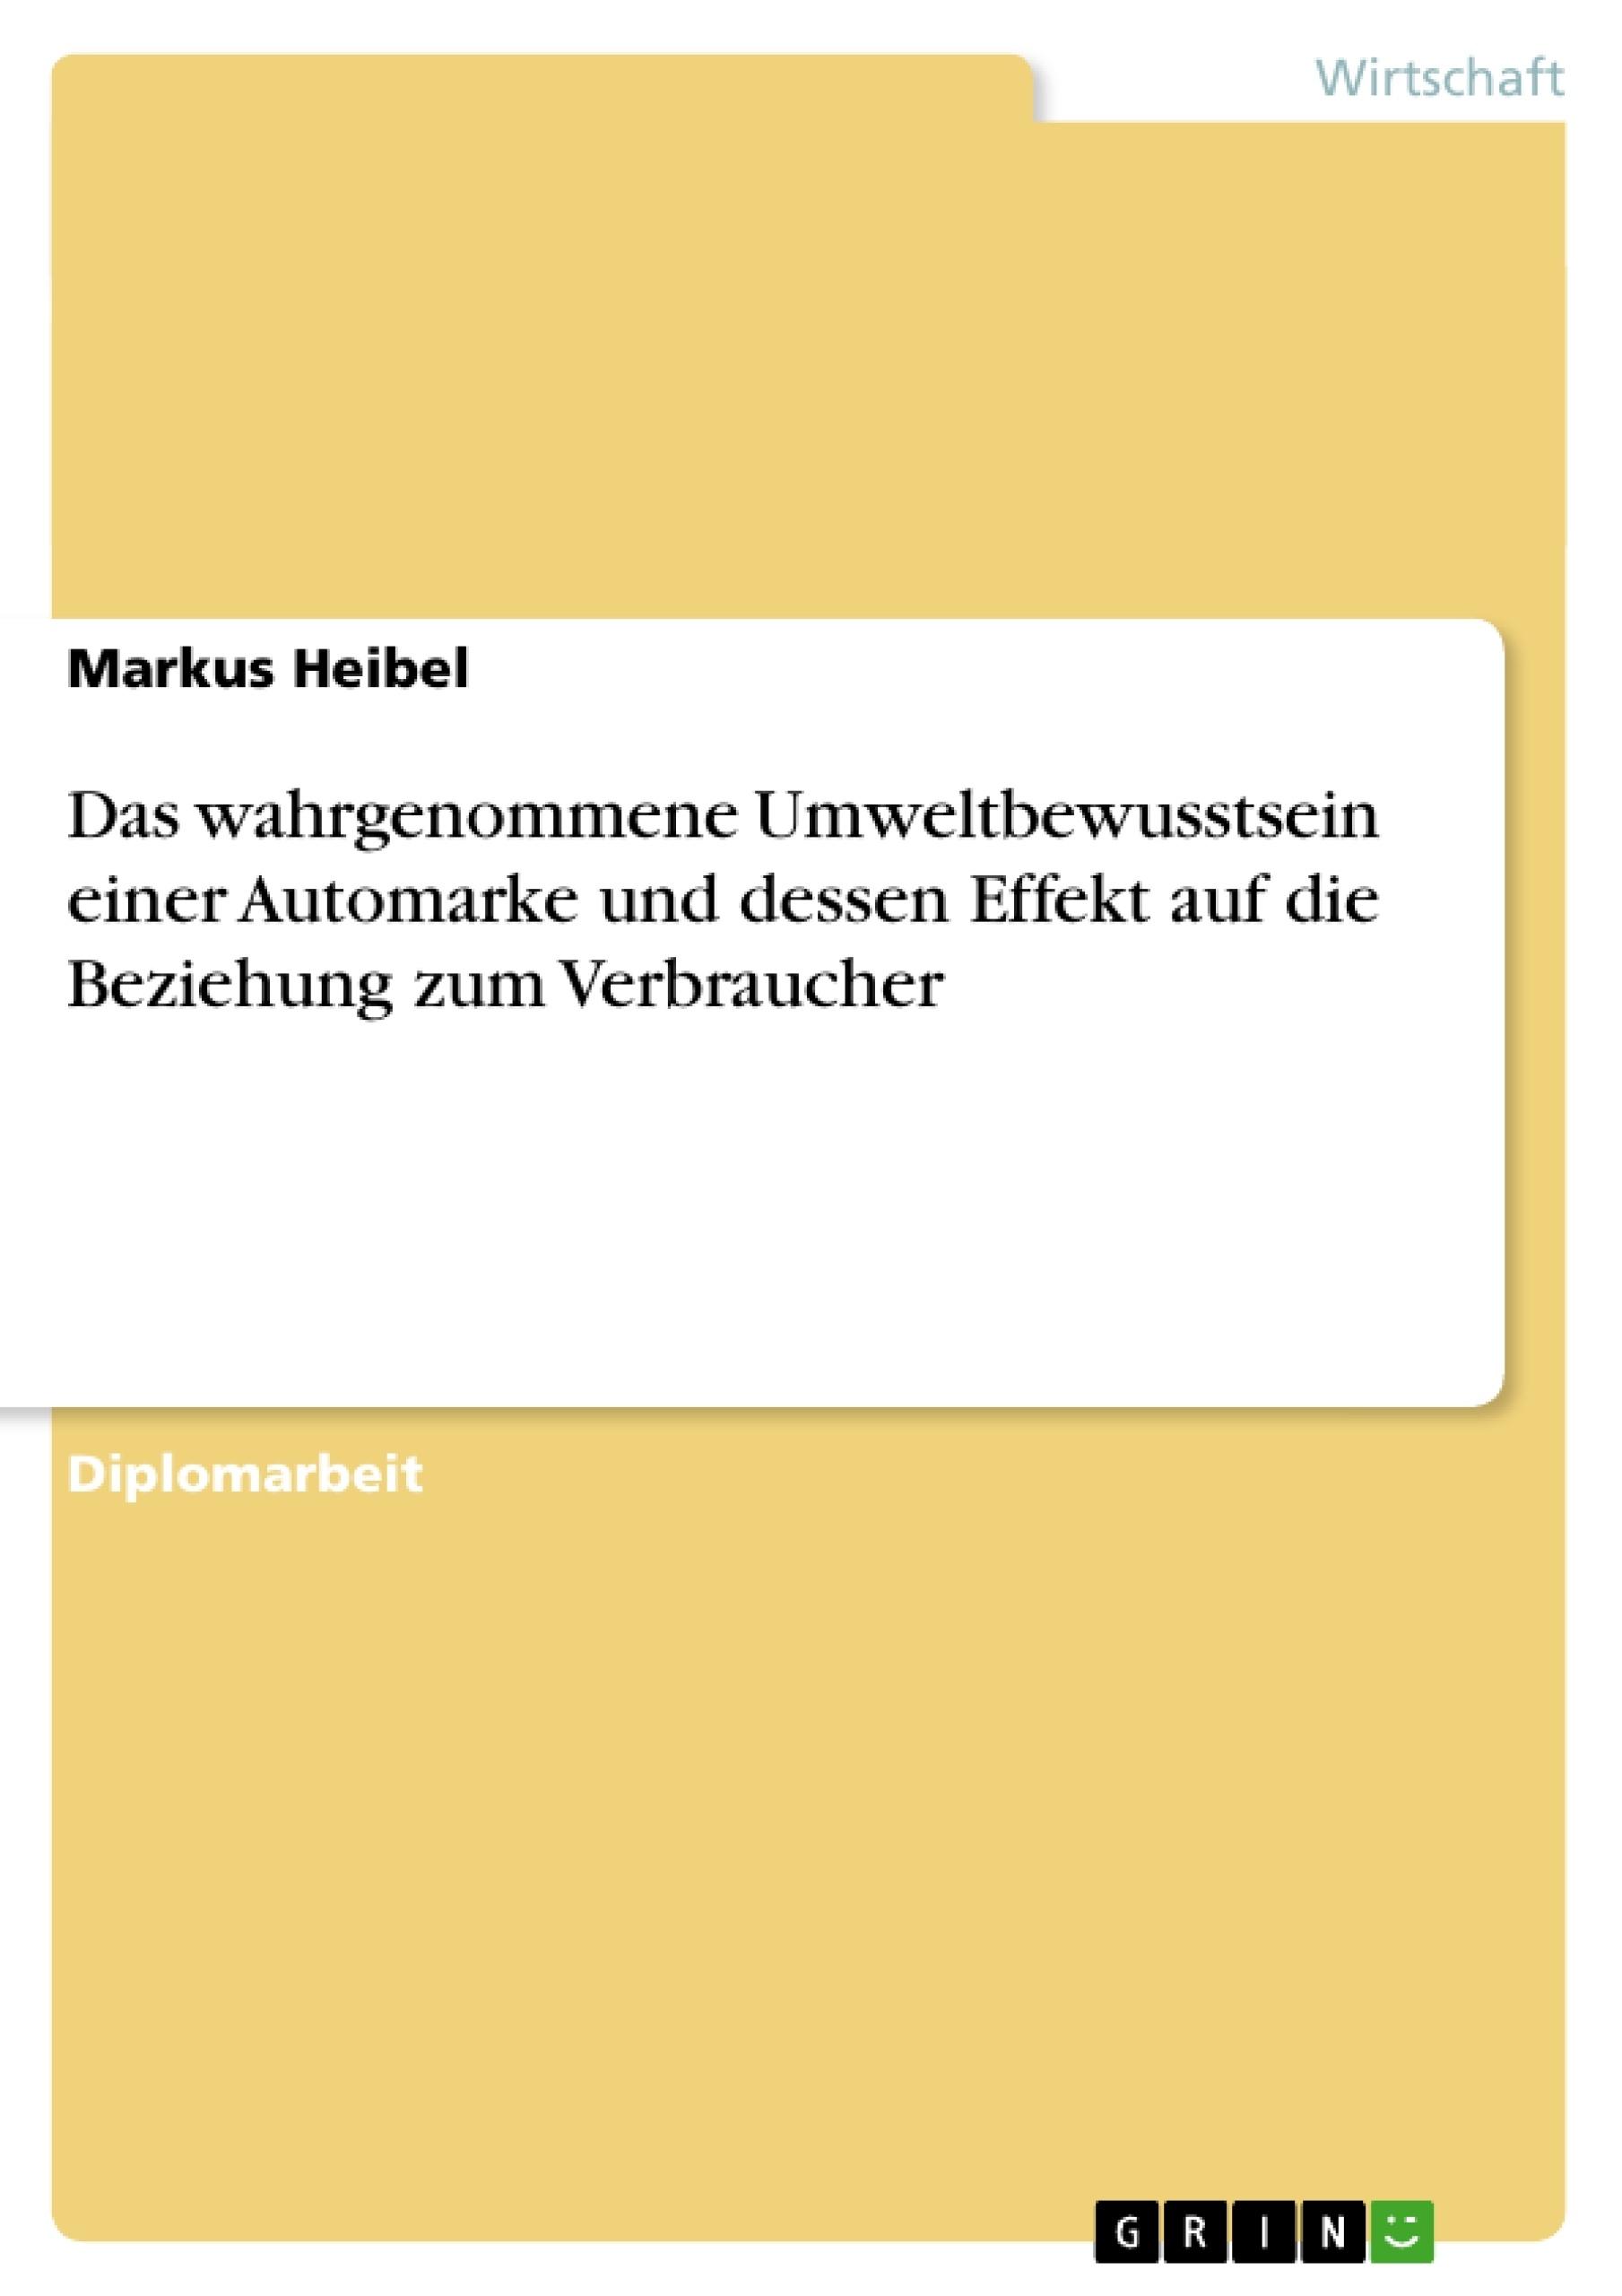 Titel: Das wahrgenommene Umweltbewusstsein einer Automarke und dessen Effekt auf die Beziehung zum Verbraucher